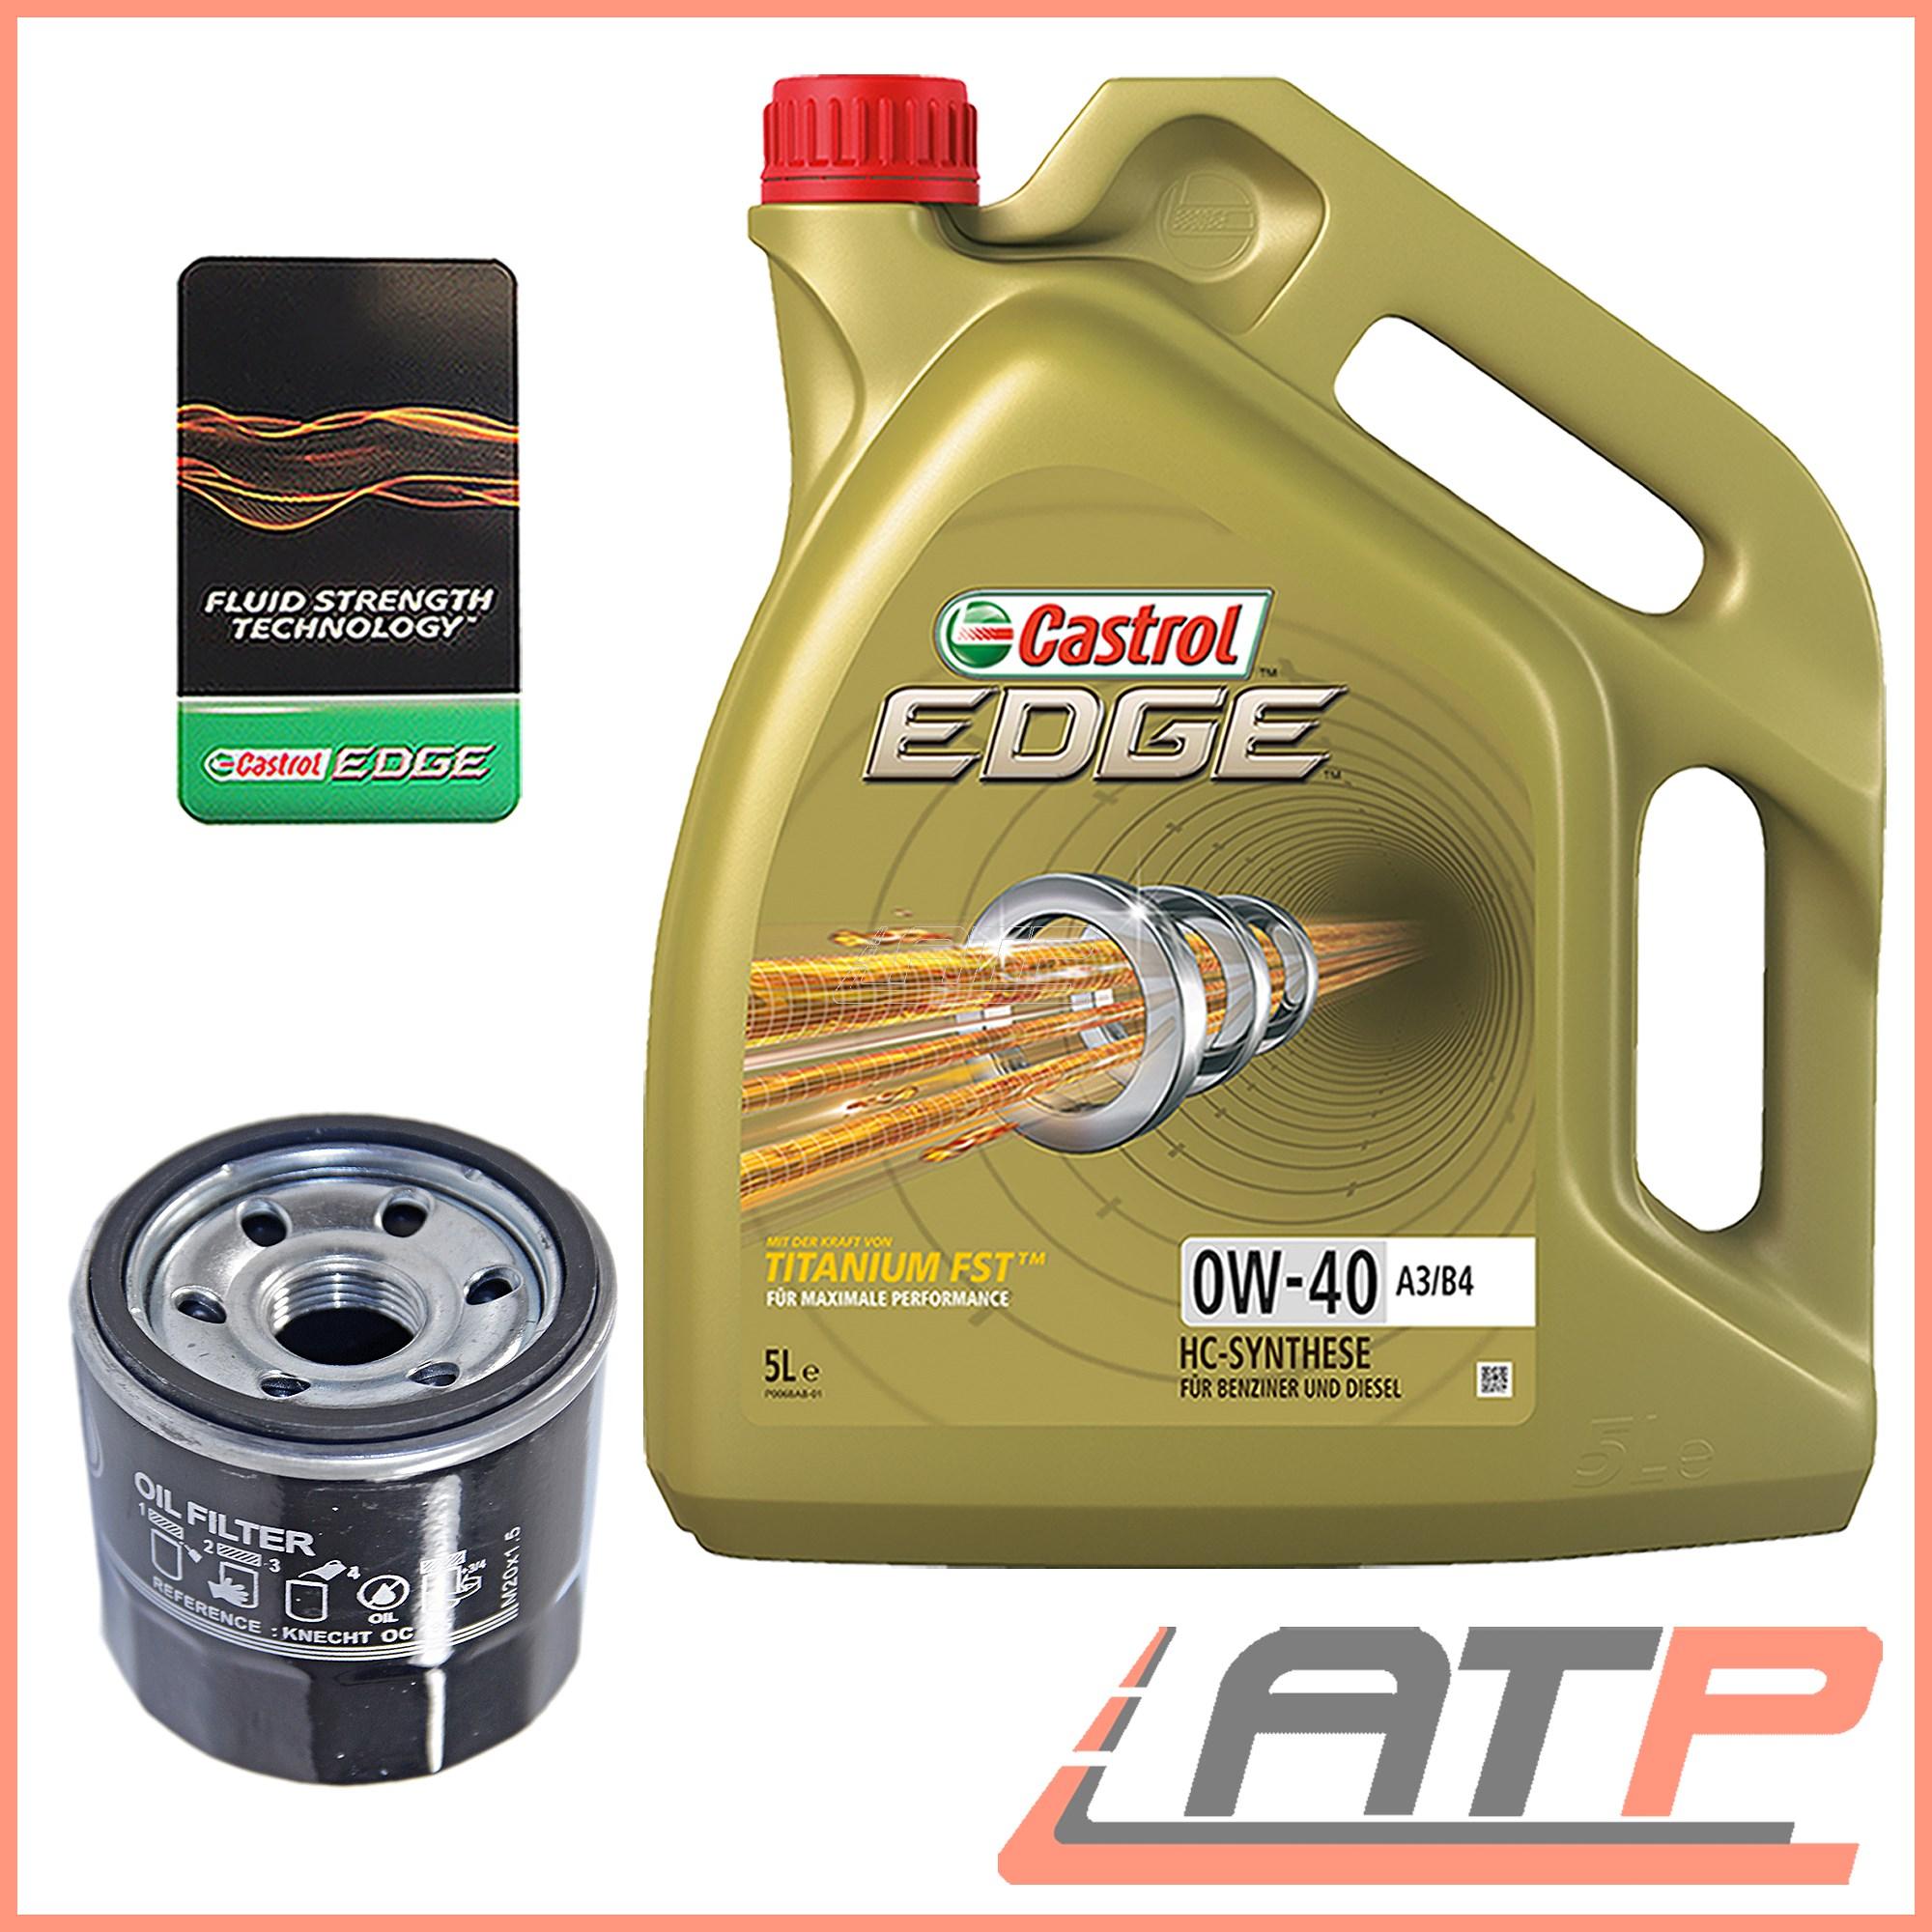 OIL FILTER+5 L CASTROL EDGE FST 0W-40 FITS SUBARU LEGACY MK